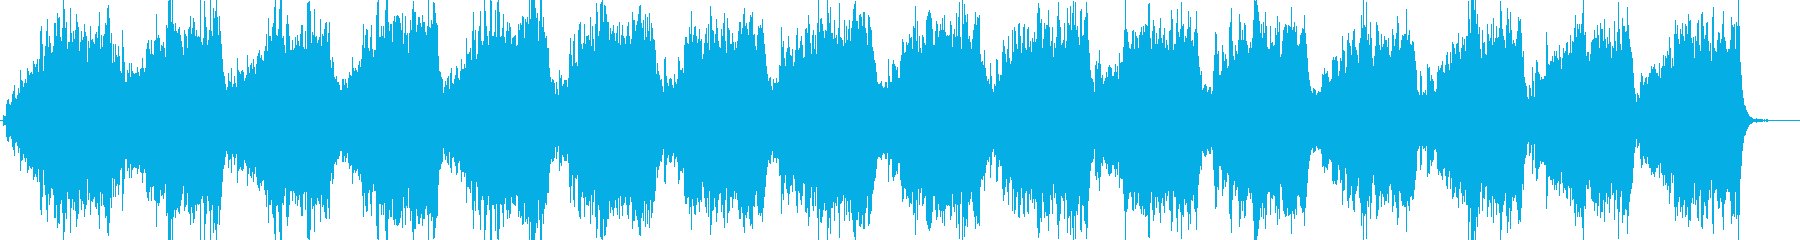 森の中をイメージしたヒーリングBGMの再生済みの波形